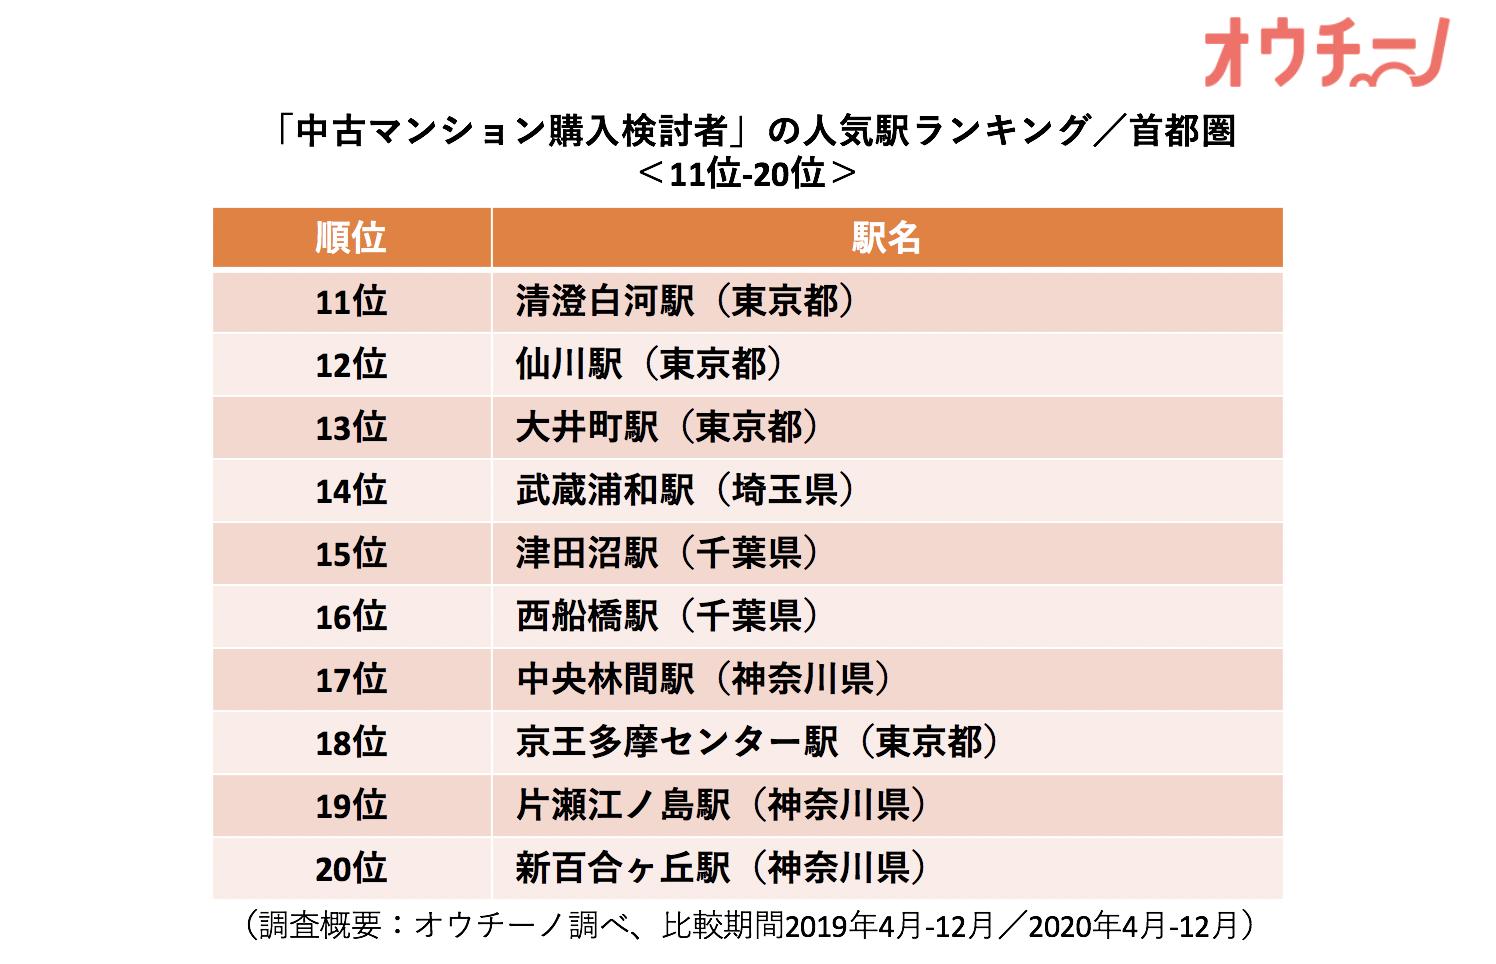 人気駅ランキング首都圏11-20位